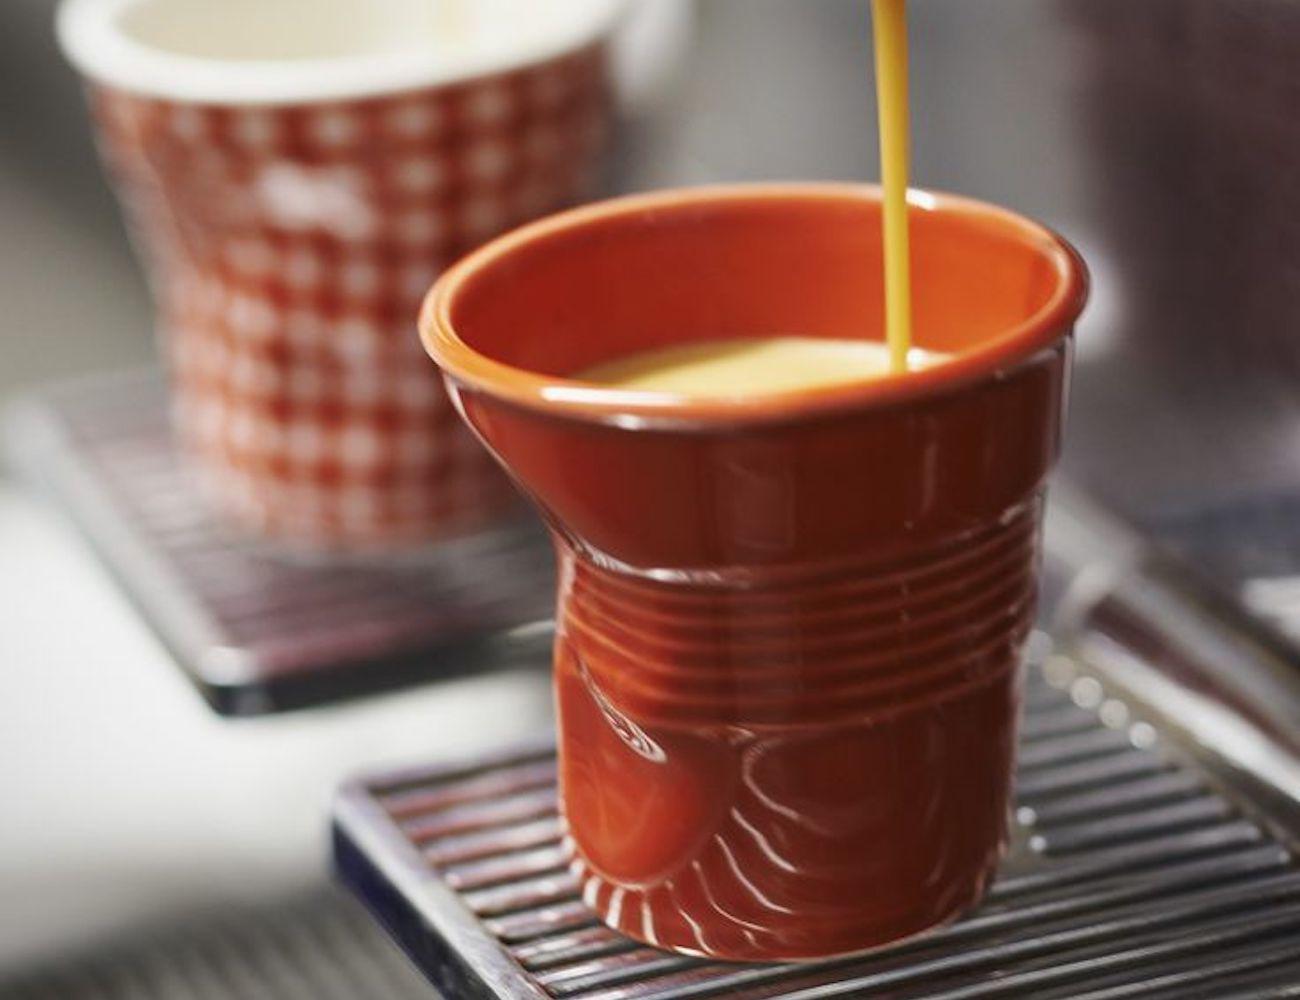 Revol+Froisses+Espresso+Crumpled+Tumbler